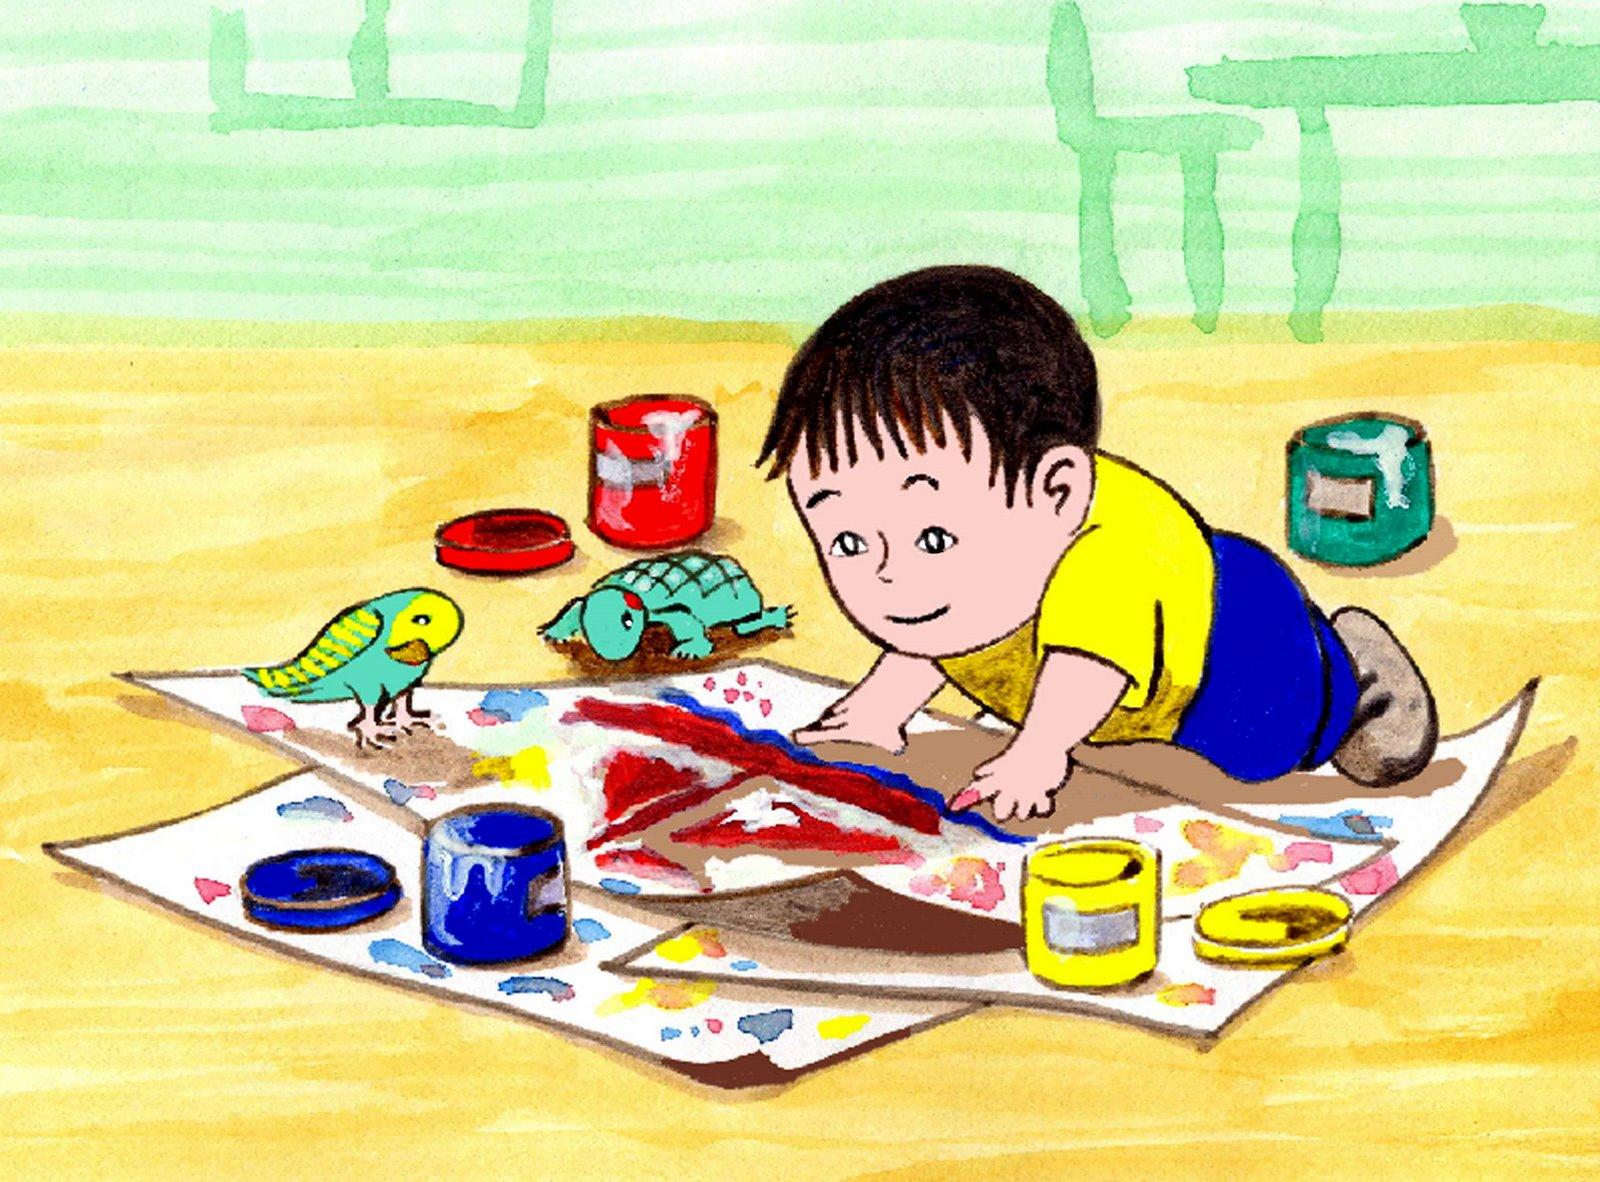 Dejen a los ni os venir a mi pintar escribir dibujar - Ninos pintando con las manos ...